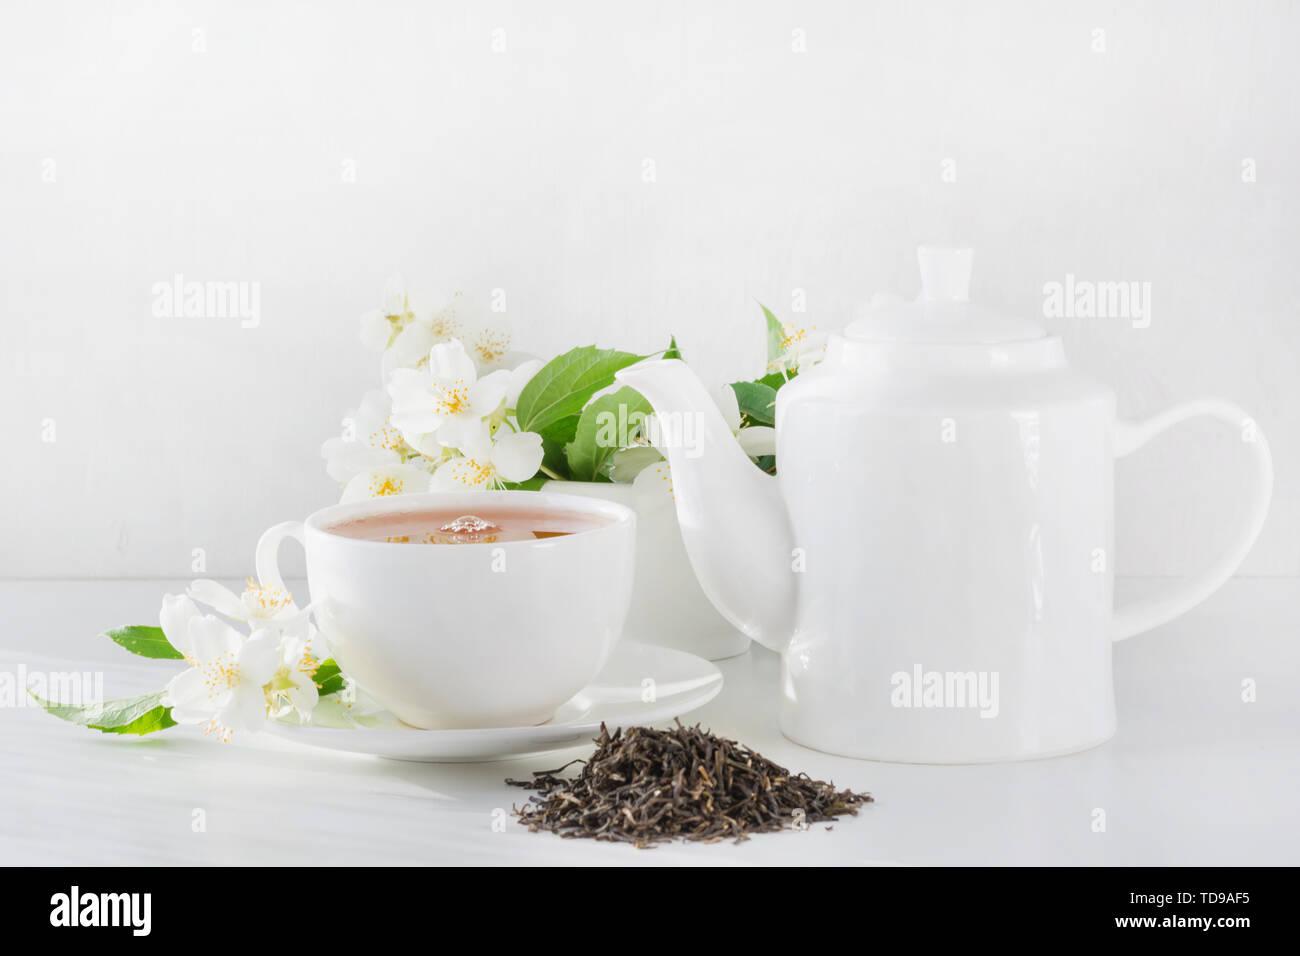 Tasse grünen Tee White Jasmin Jasmin, Teekanne auf weißem Hintergrund. Teatime. Stockbild